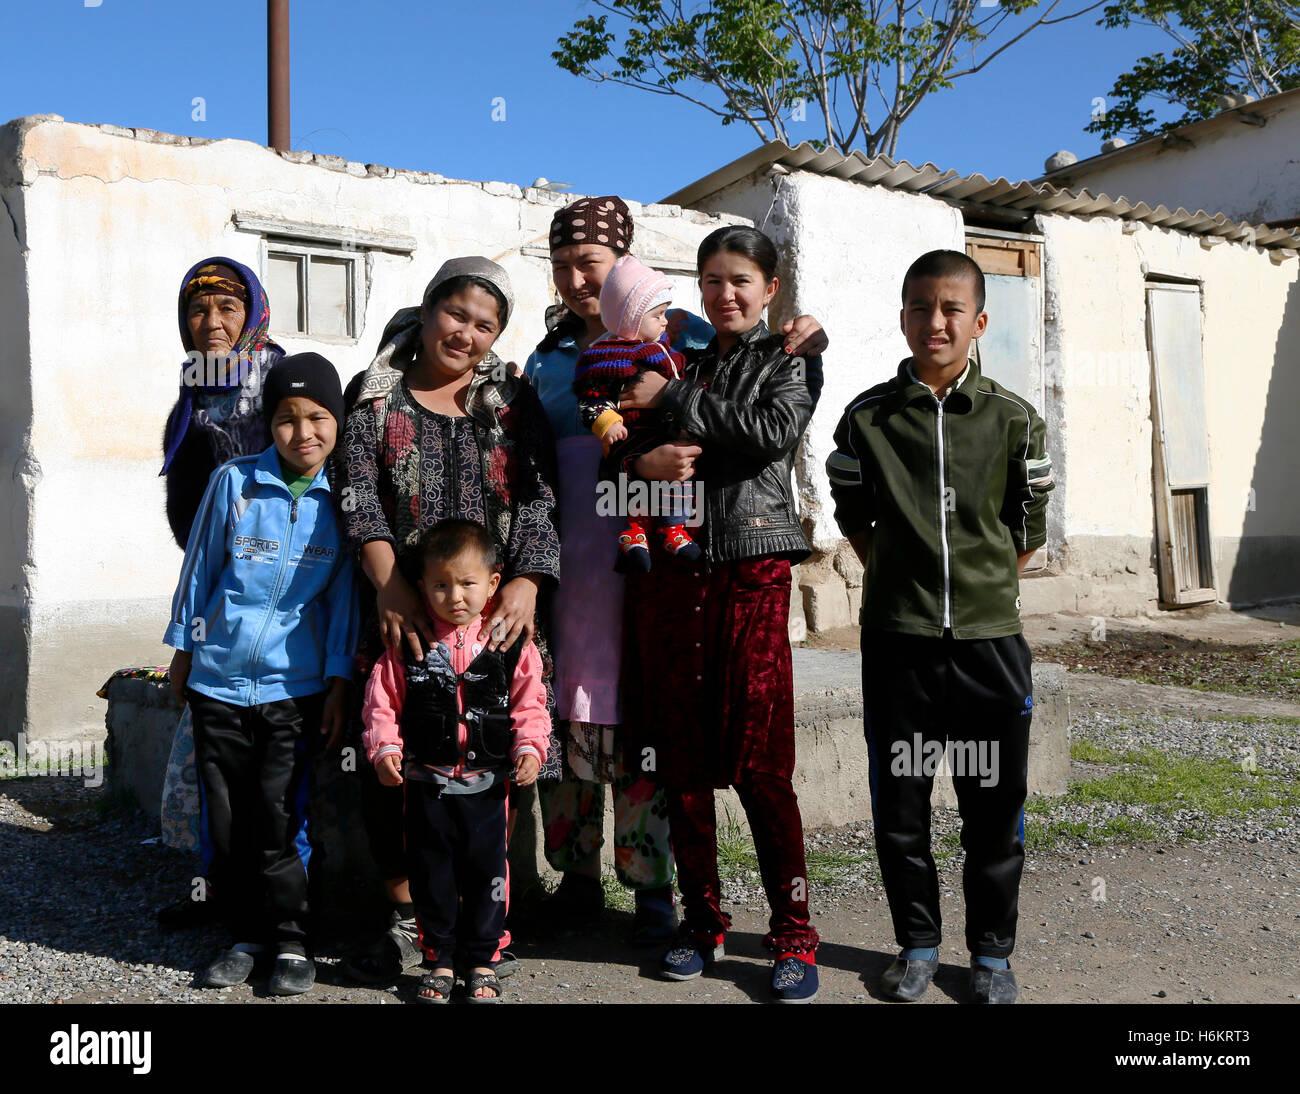 People of Kamashi, Uzbekistan. De mensen van Kamashi, Oezbekistan. Stock Photo